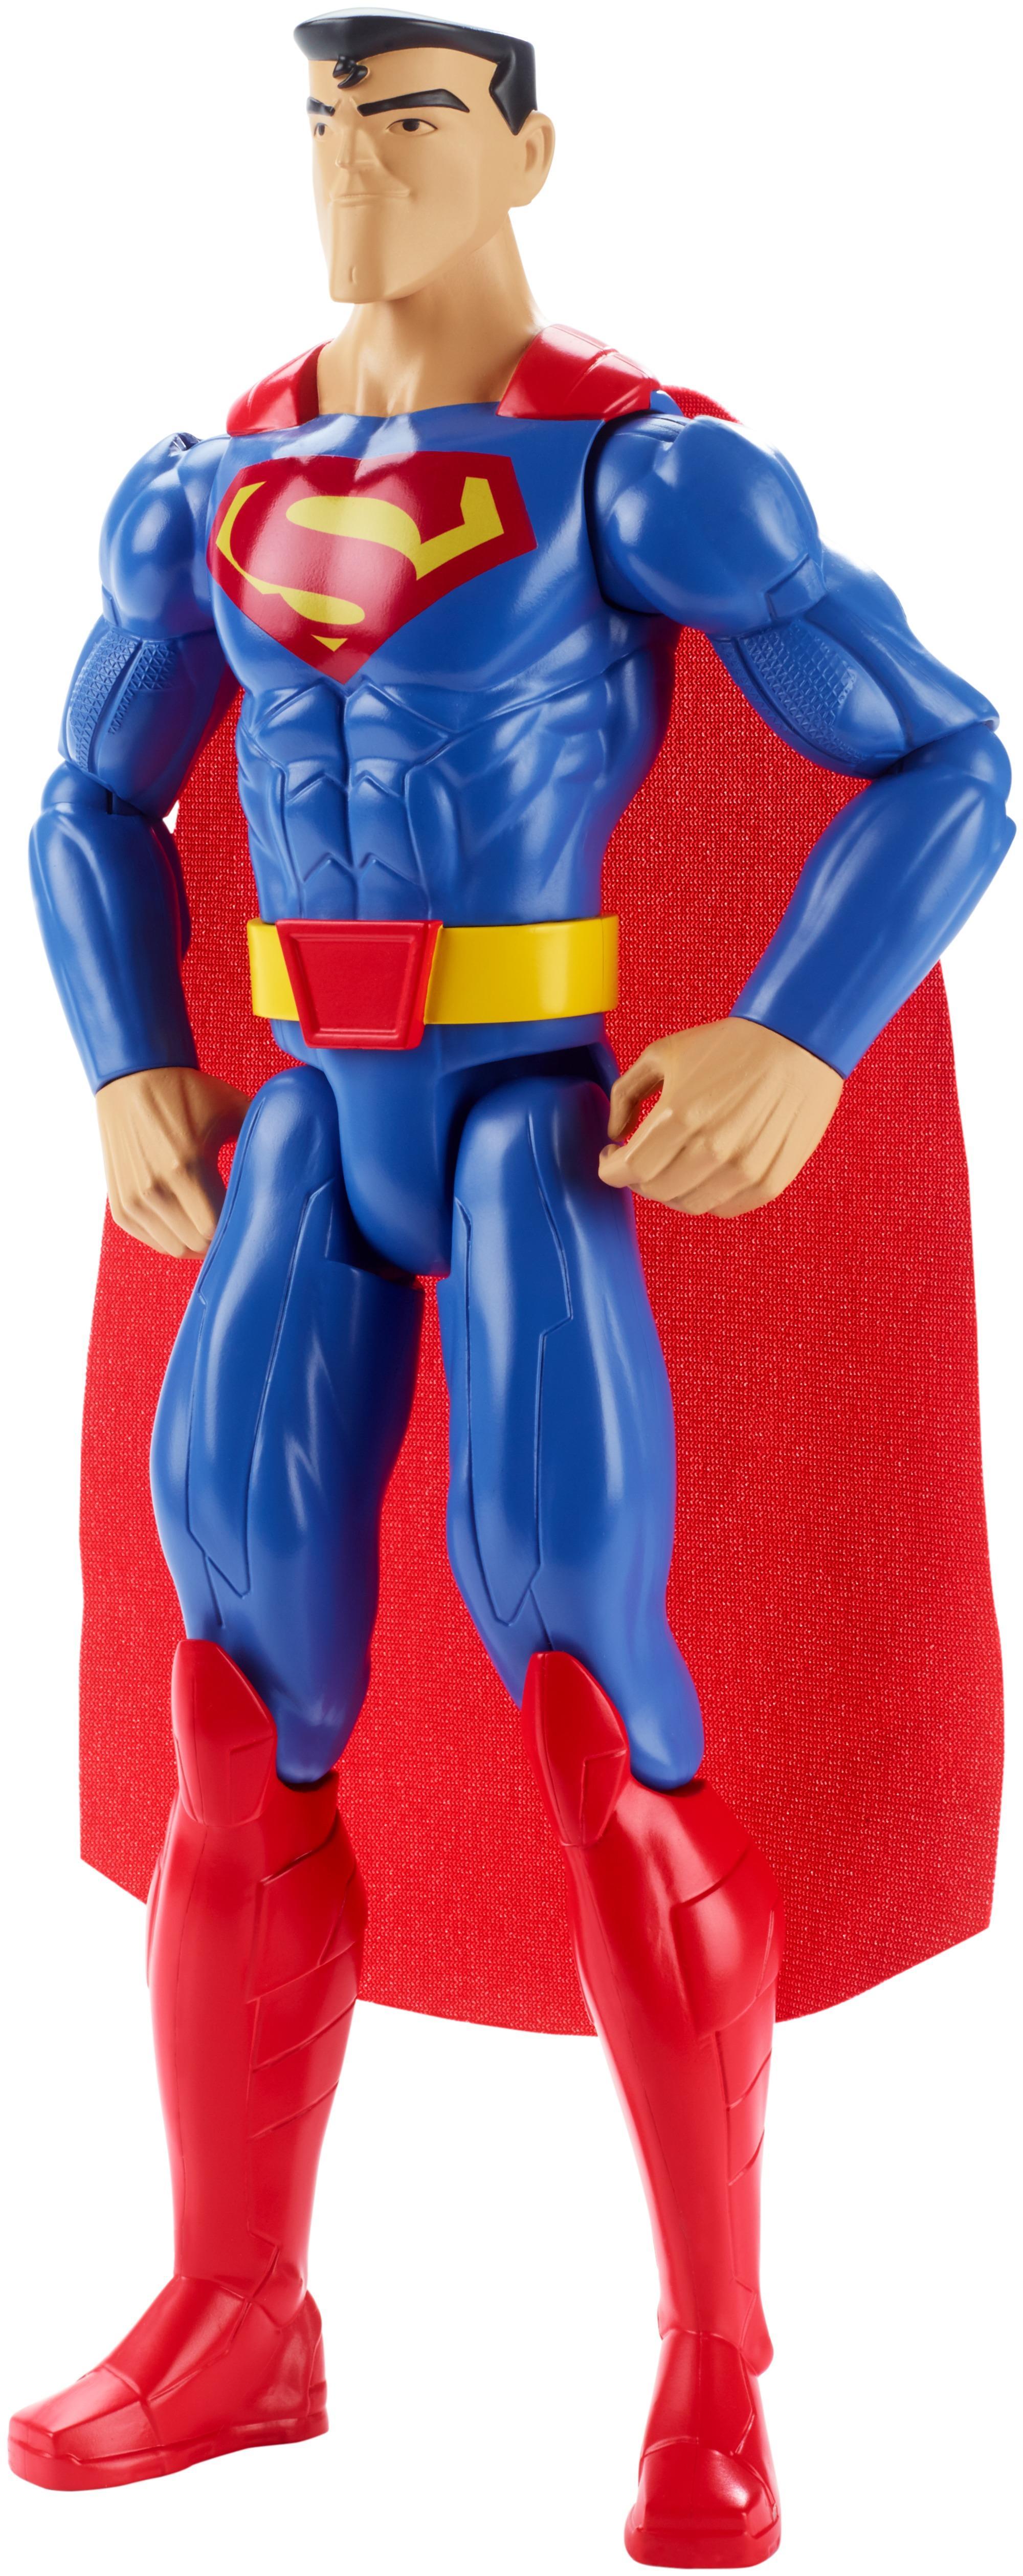 Amazon.com  Mattel DC Justice League Action Superman Figure 4b44a059b3a